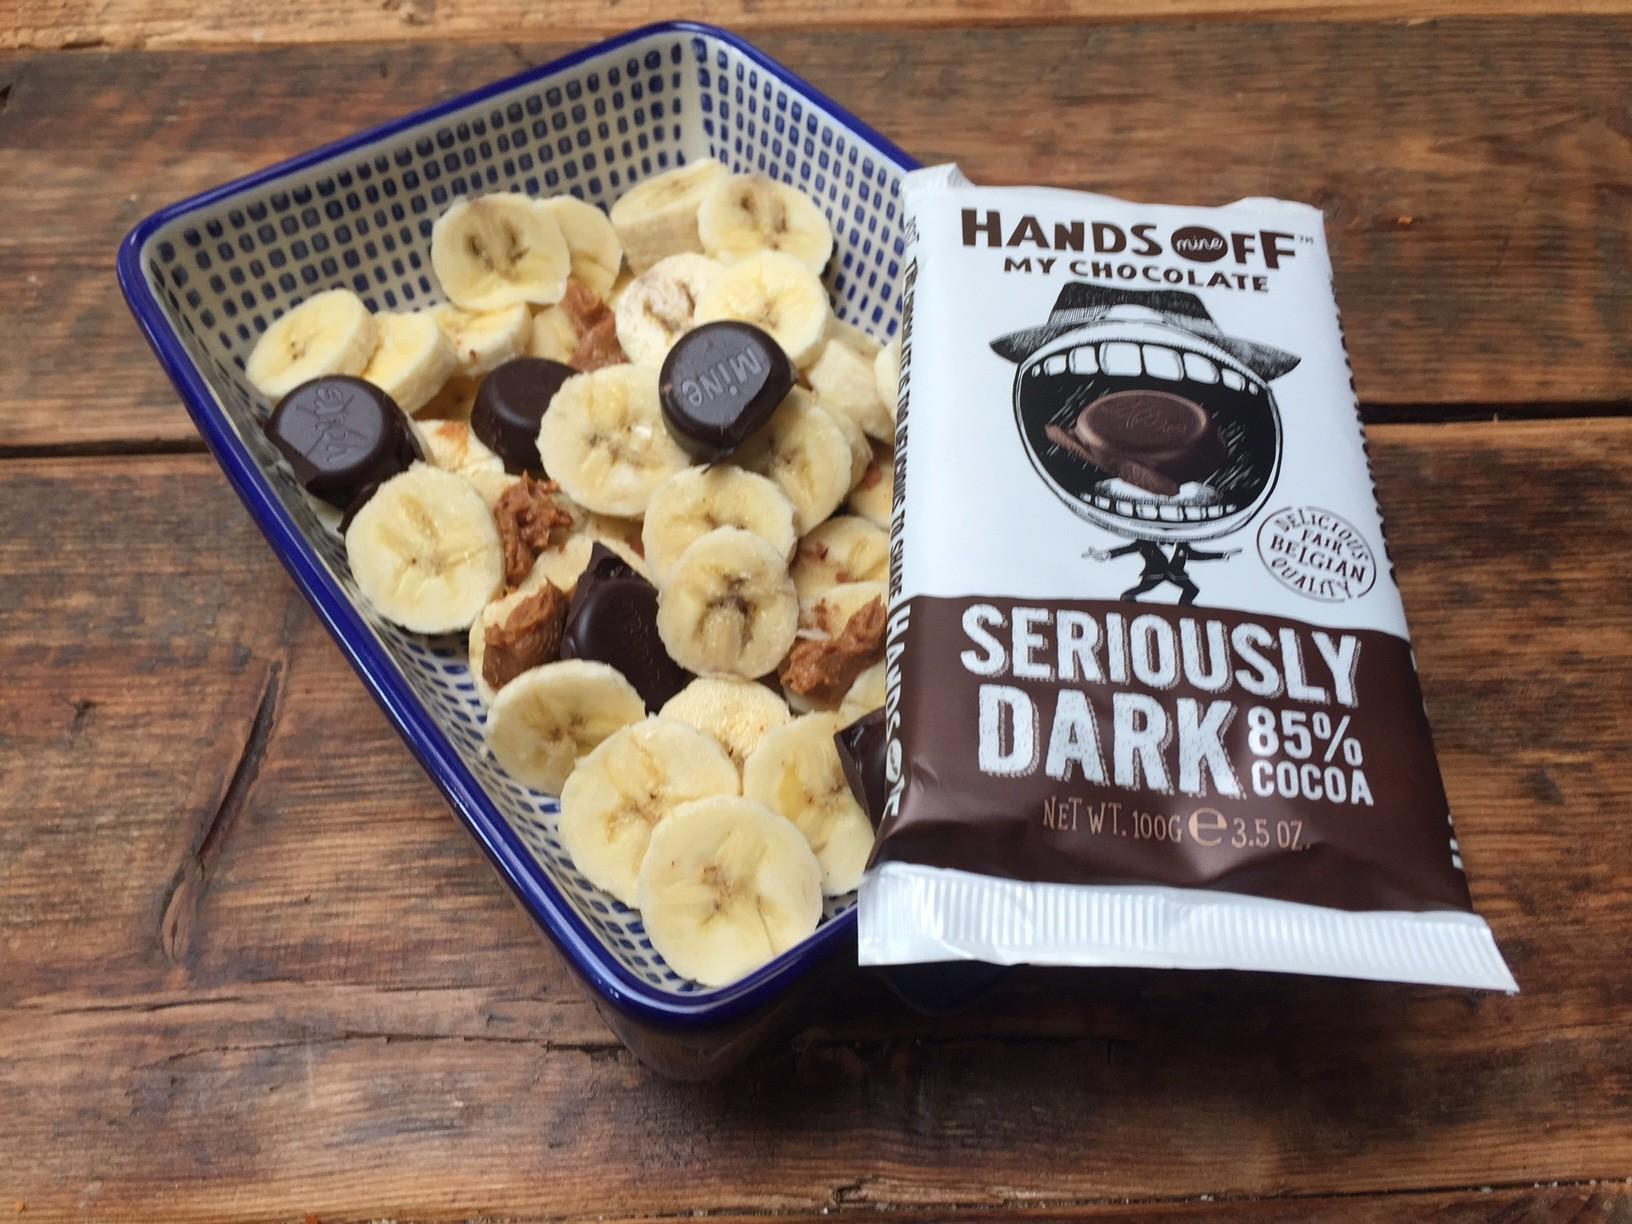 Ontbijt met banaan en chocolade van Hands off my chocolate recept en winactie foodblog Foodinista